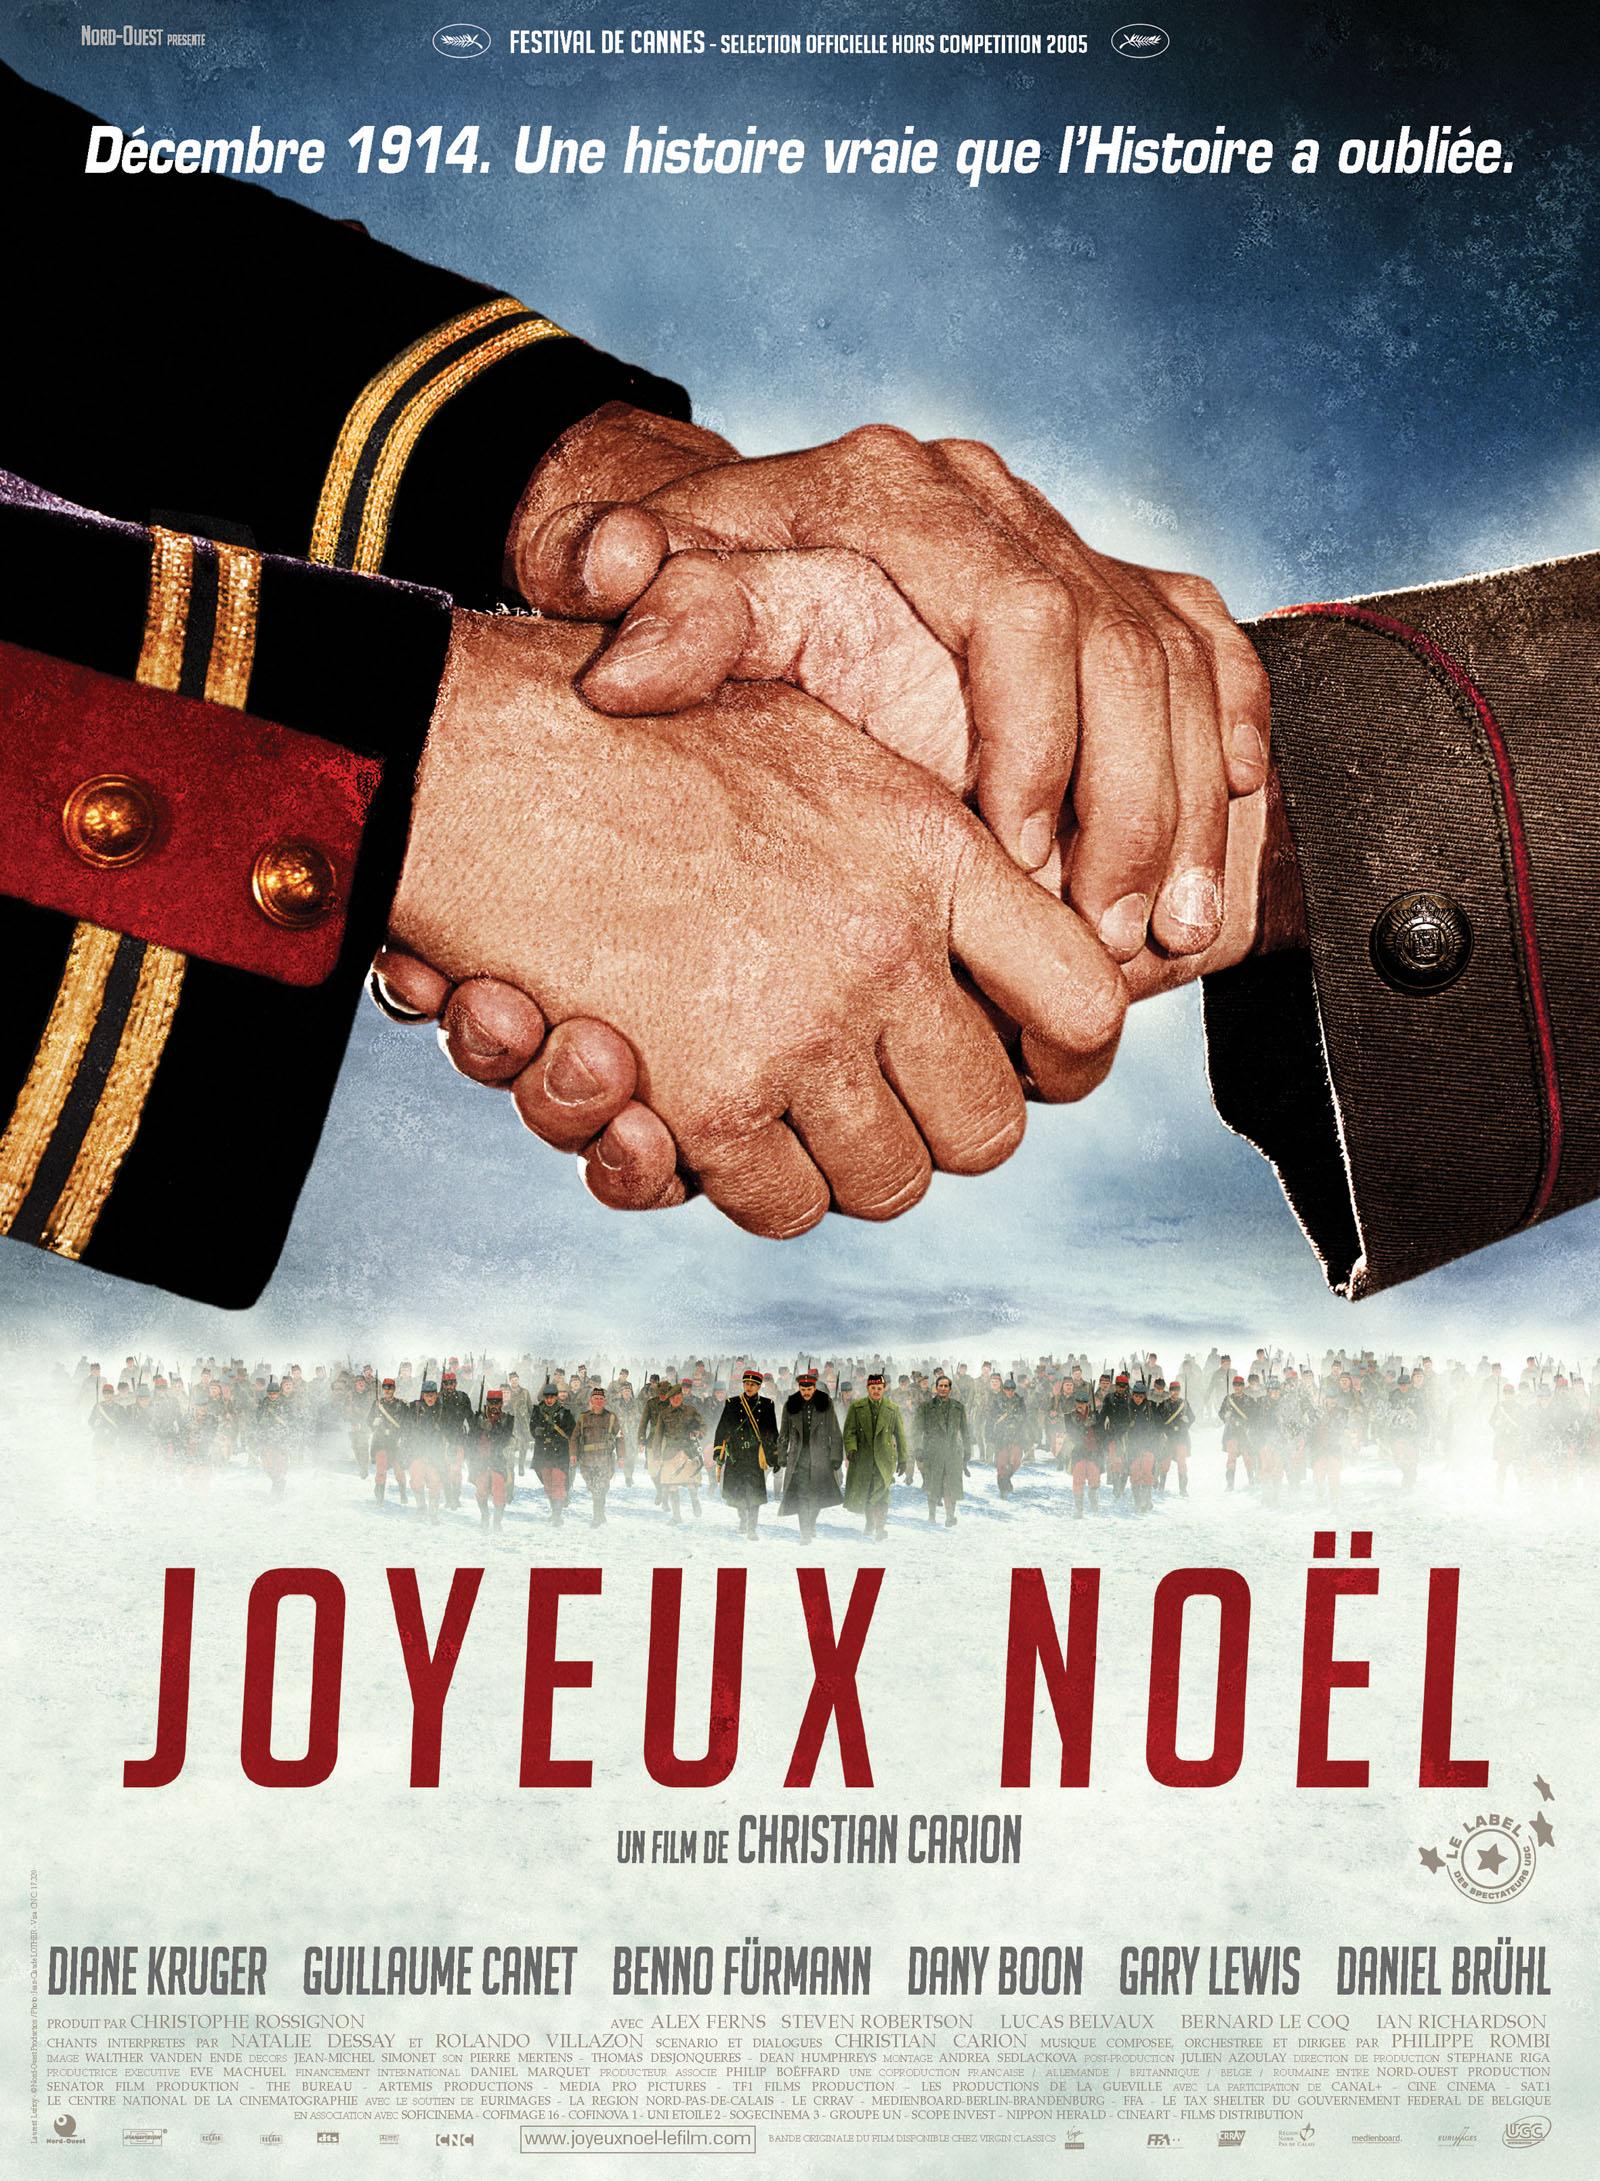 Joyeux Noel Christian Carion CinéShediac   Joyeux Noël   Experience Shediac